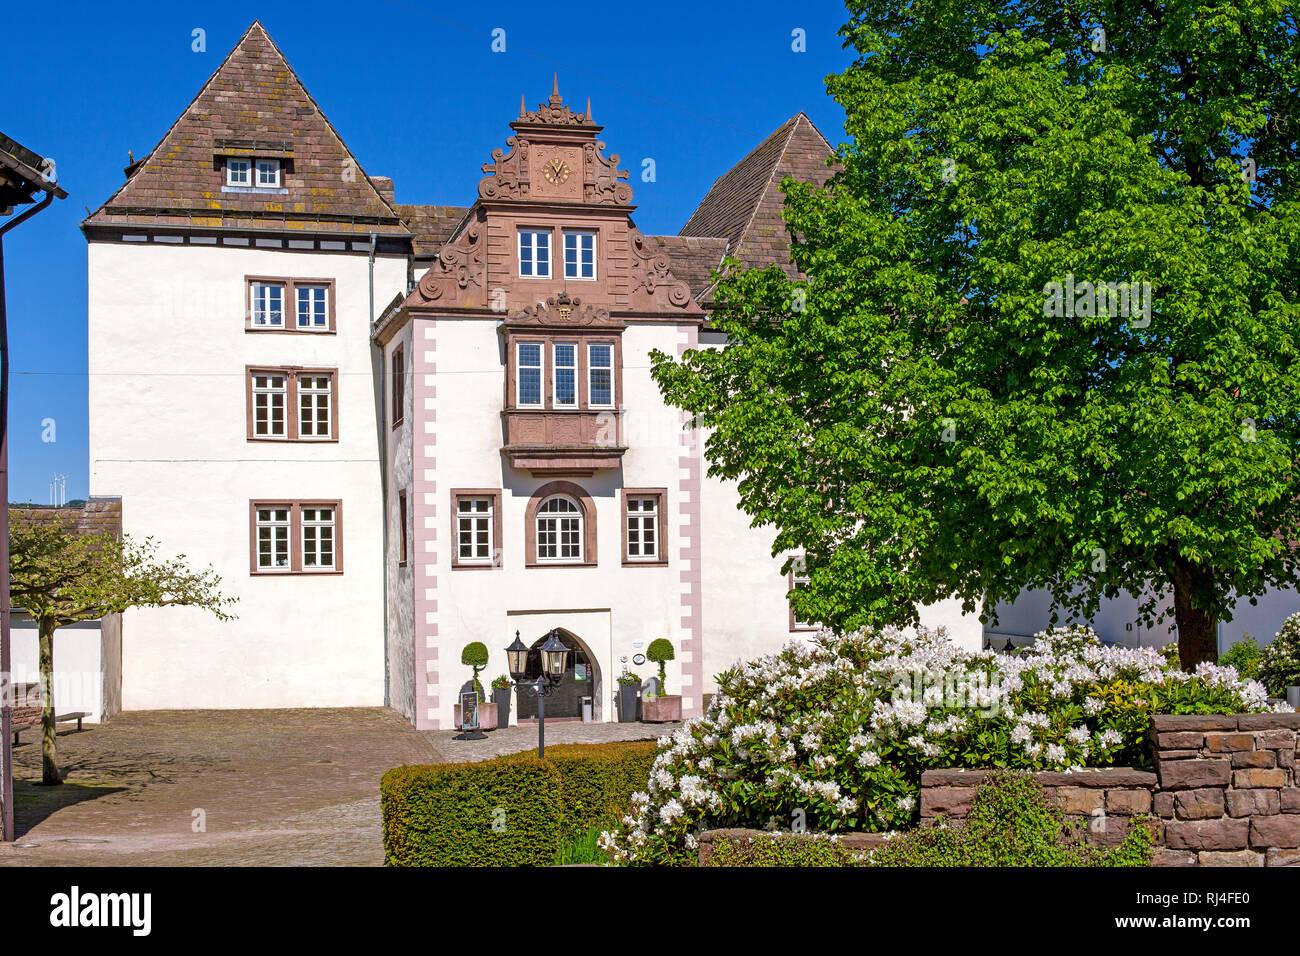 Europa, Deutschland, Nordrhein-Westfalen, Weserbergland, H?xter, Porzellanmanufaktur Schloss F?rstenberg - Stock Image